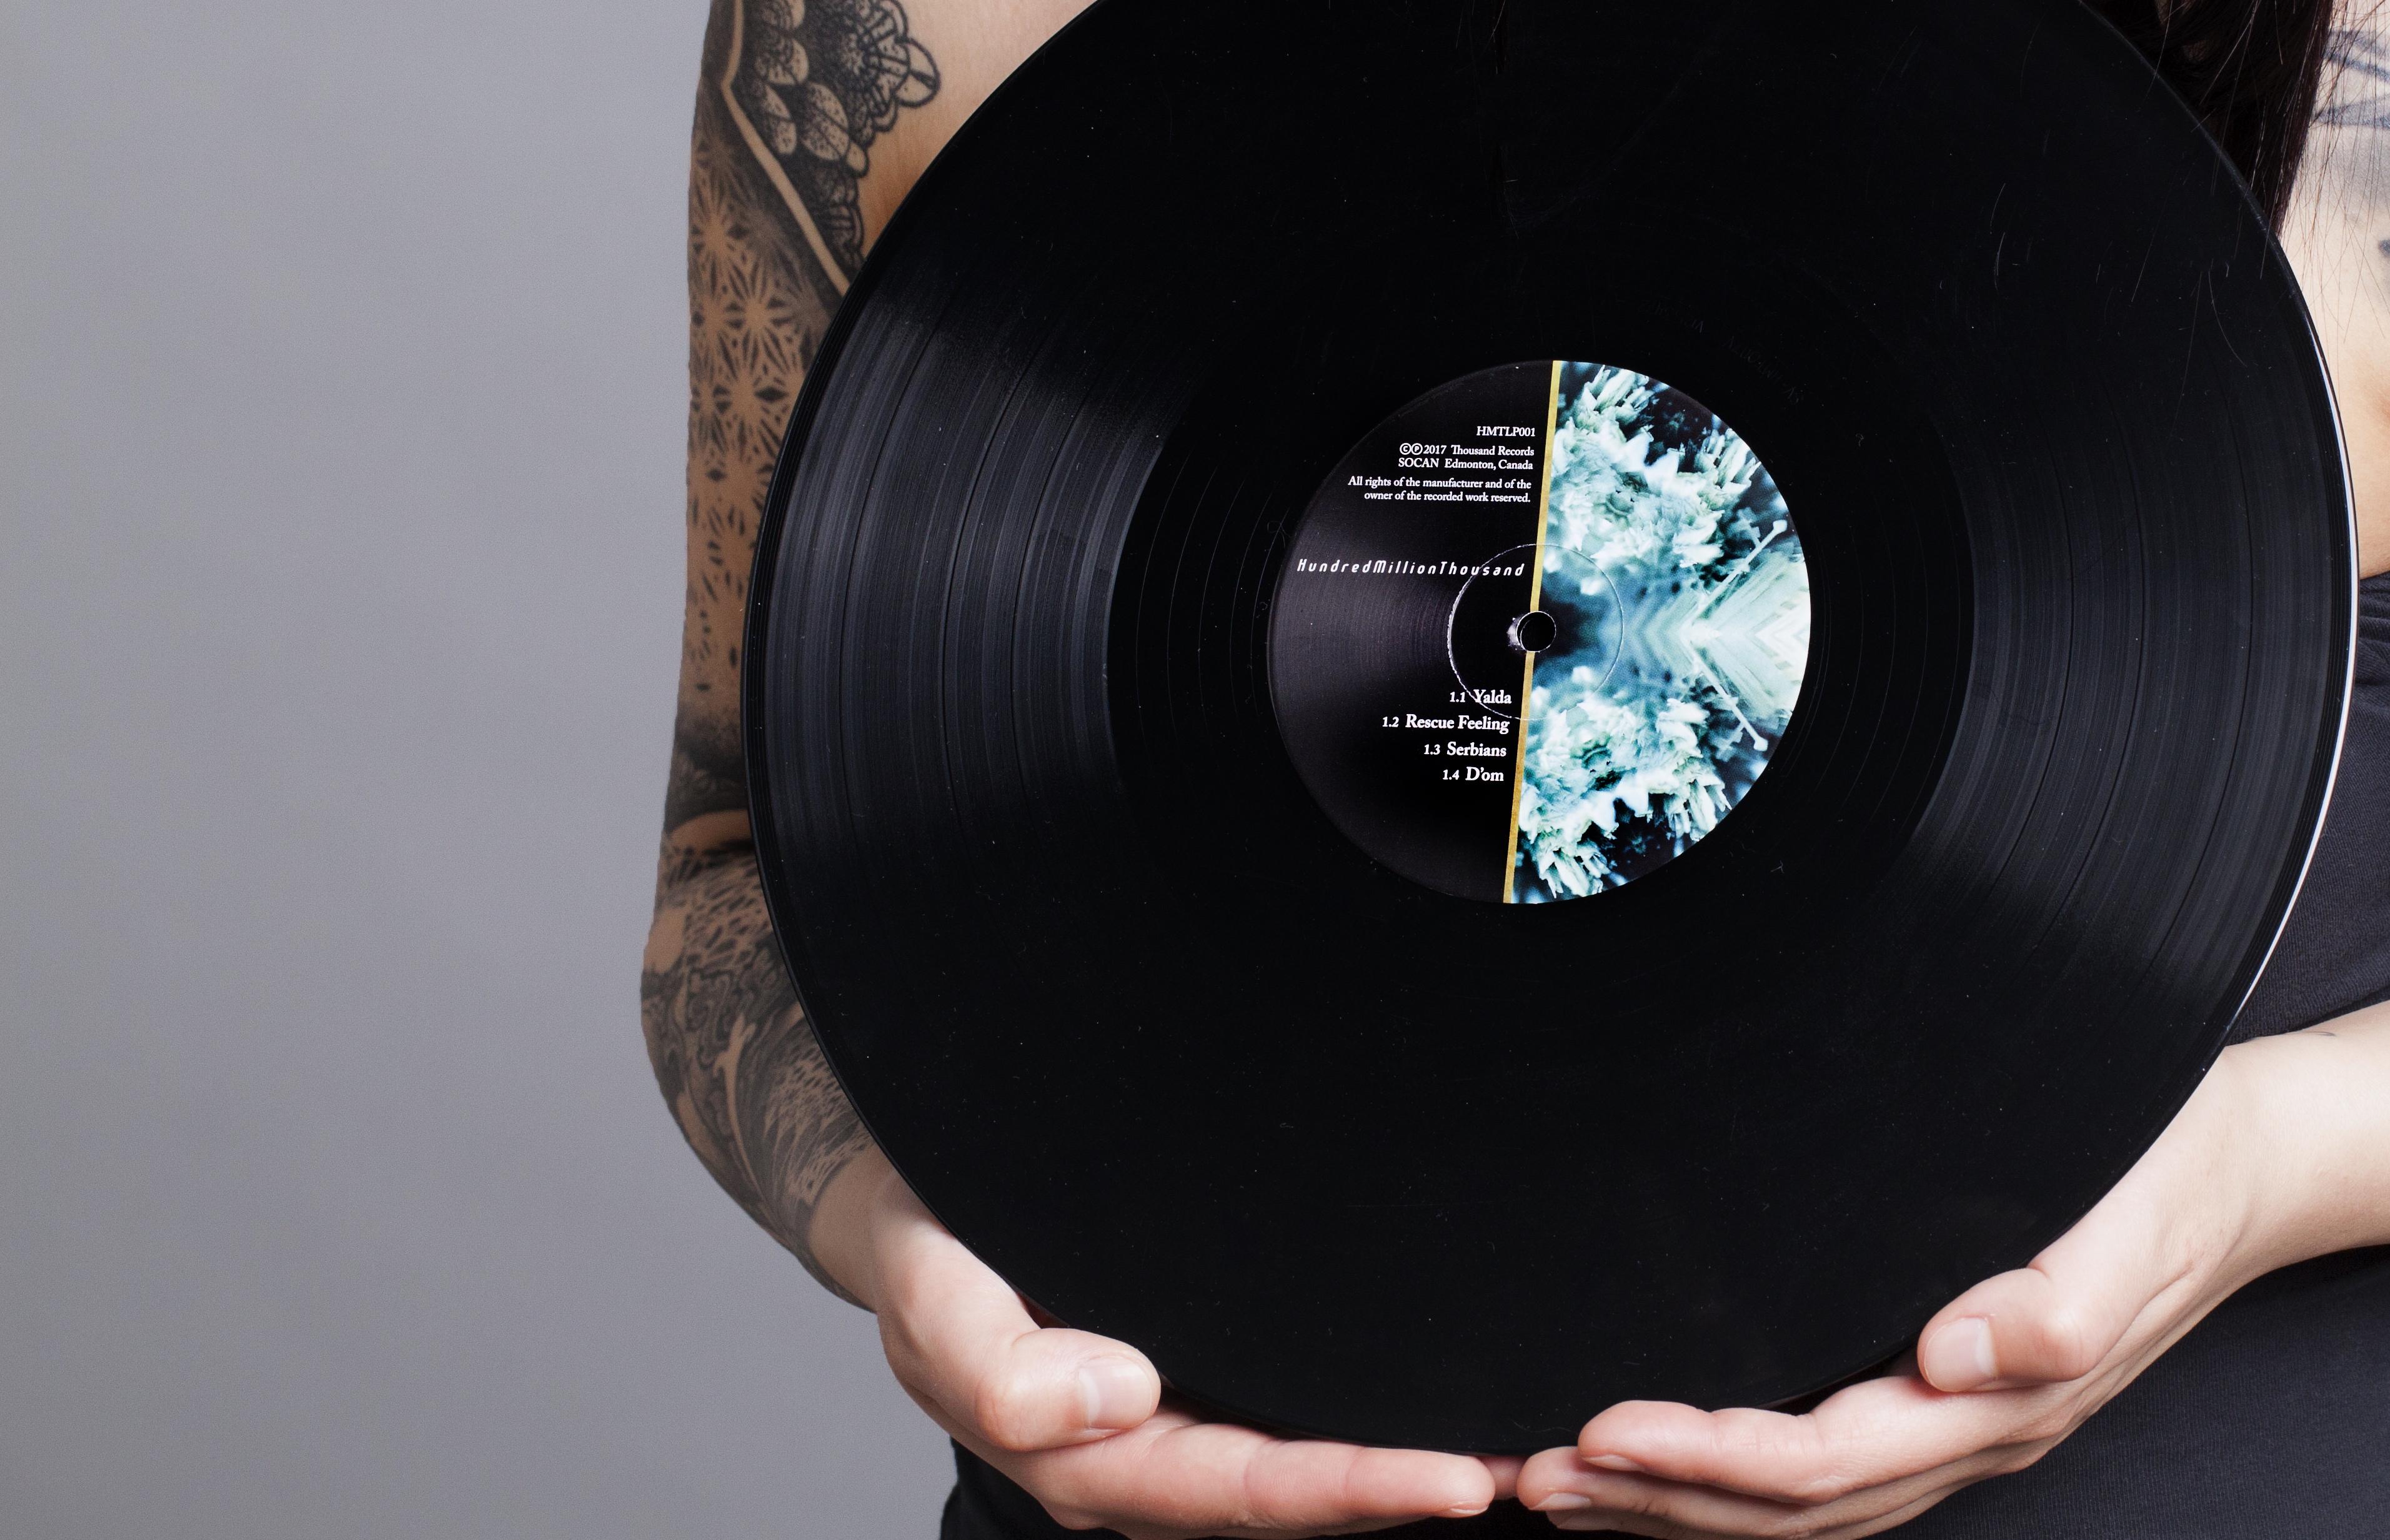 HMT Vinyl 2